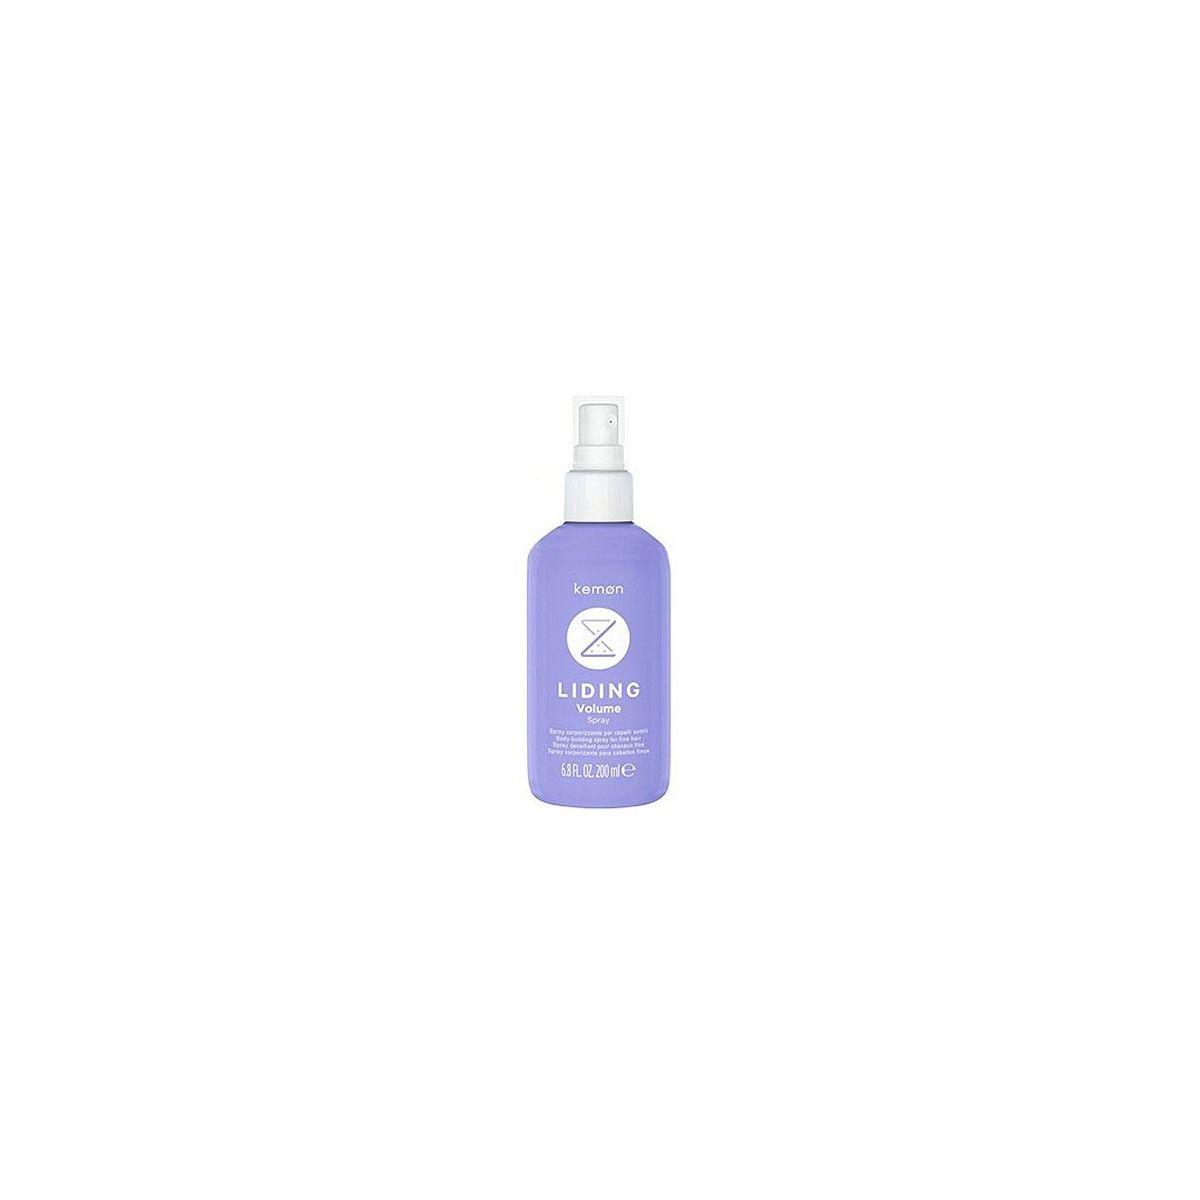 Kemon Liding Volume, spray zagęszczający cienkie i trudne włosy 200ml